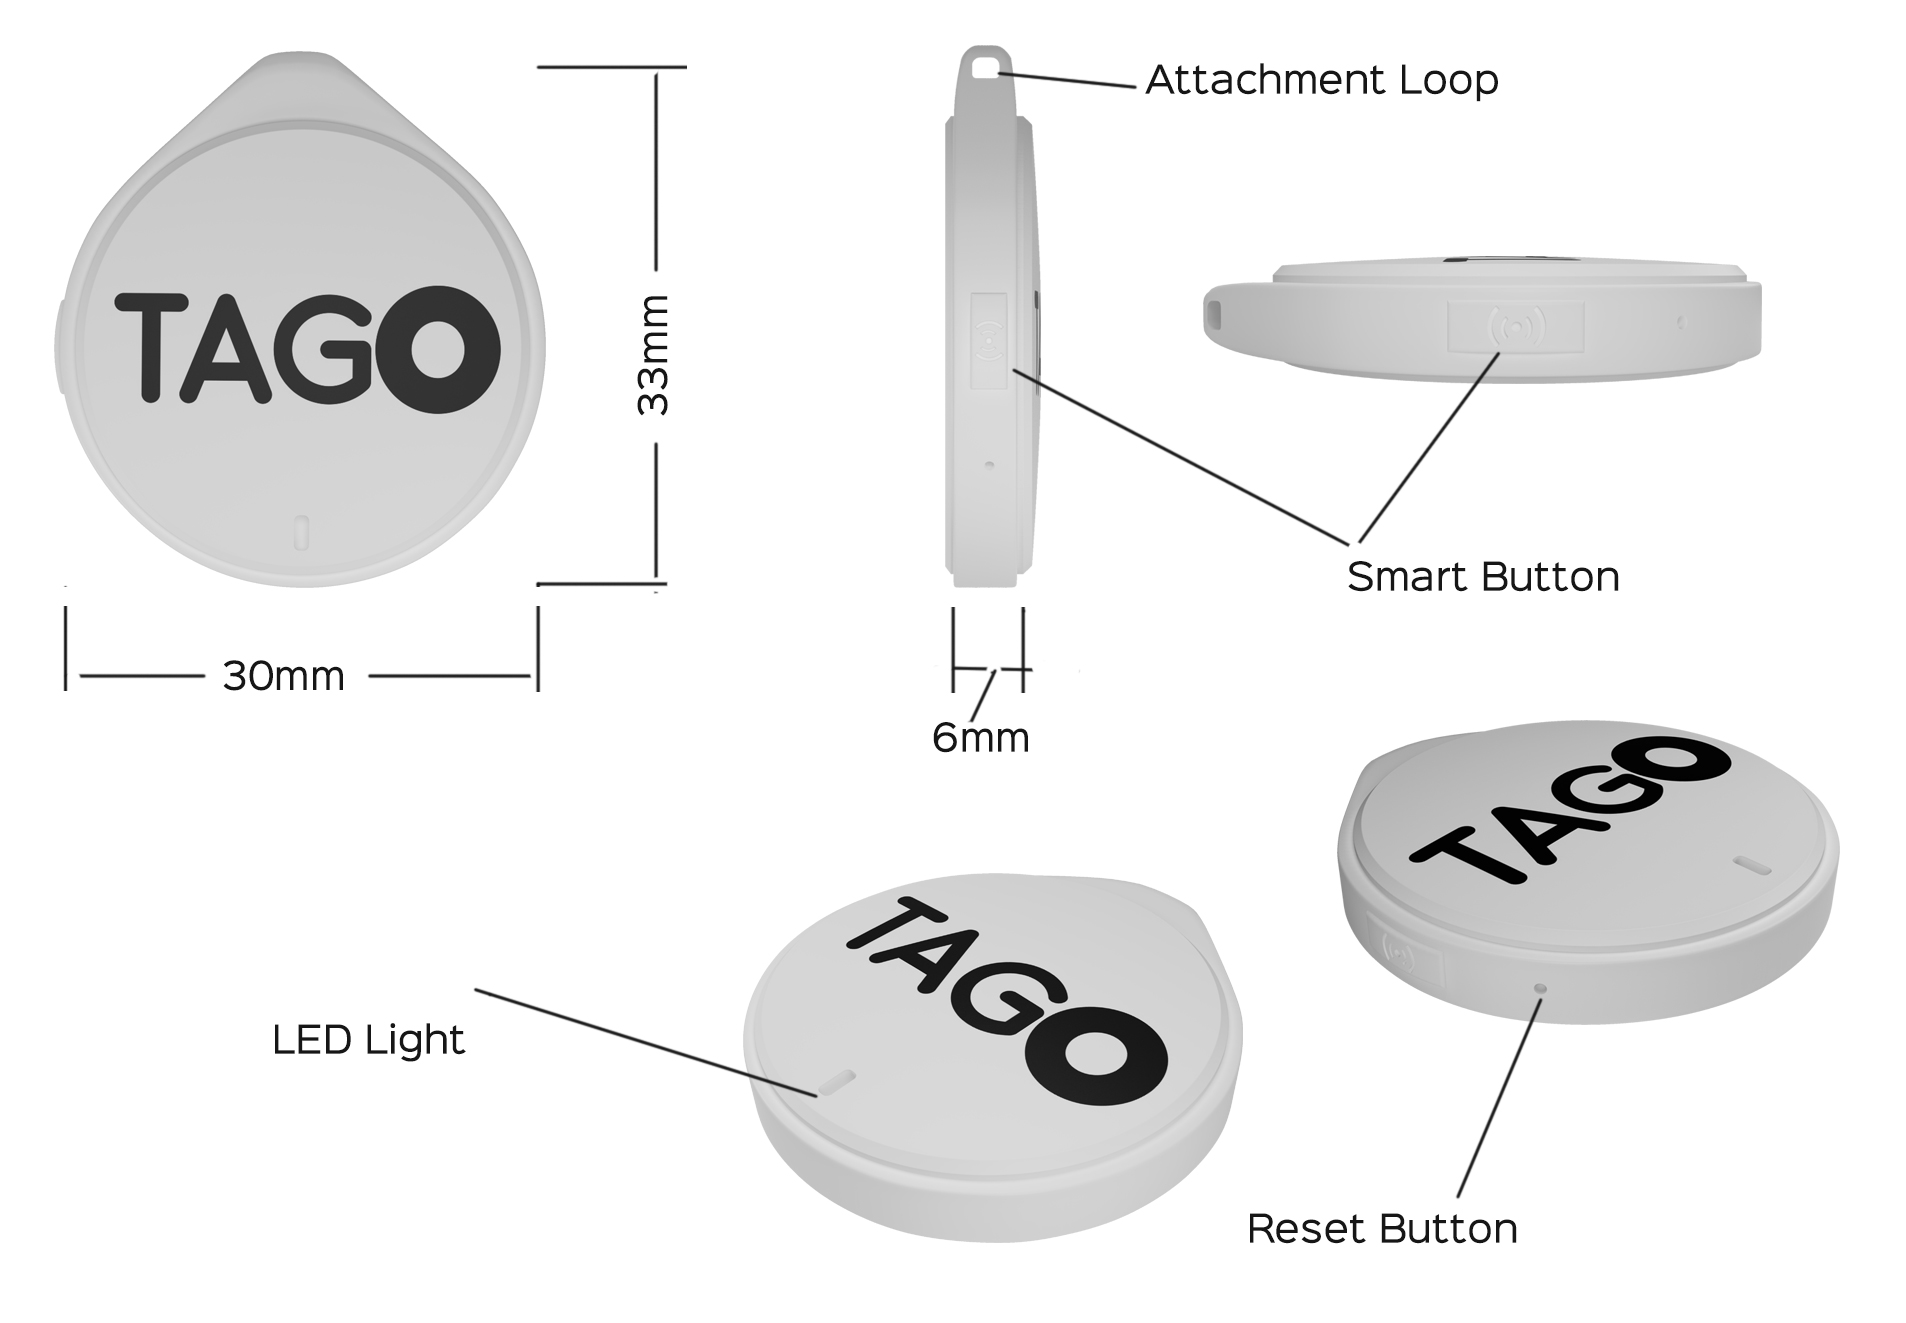 Tago: A Smart Anti-Lost Device - Image 1